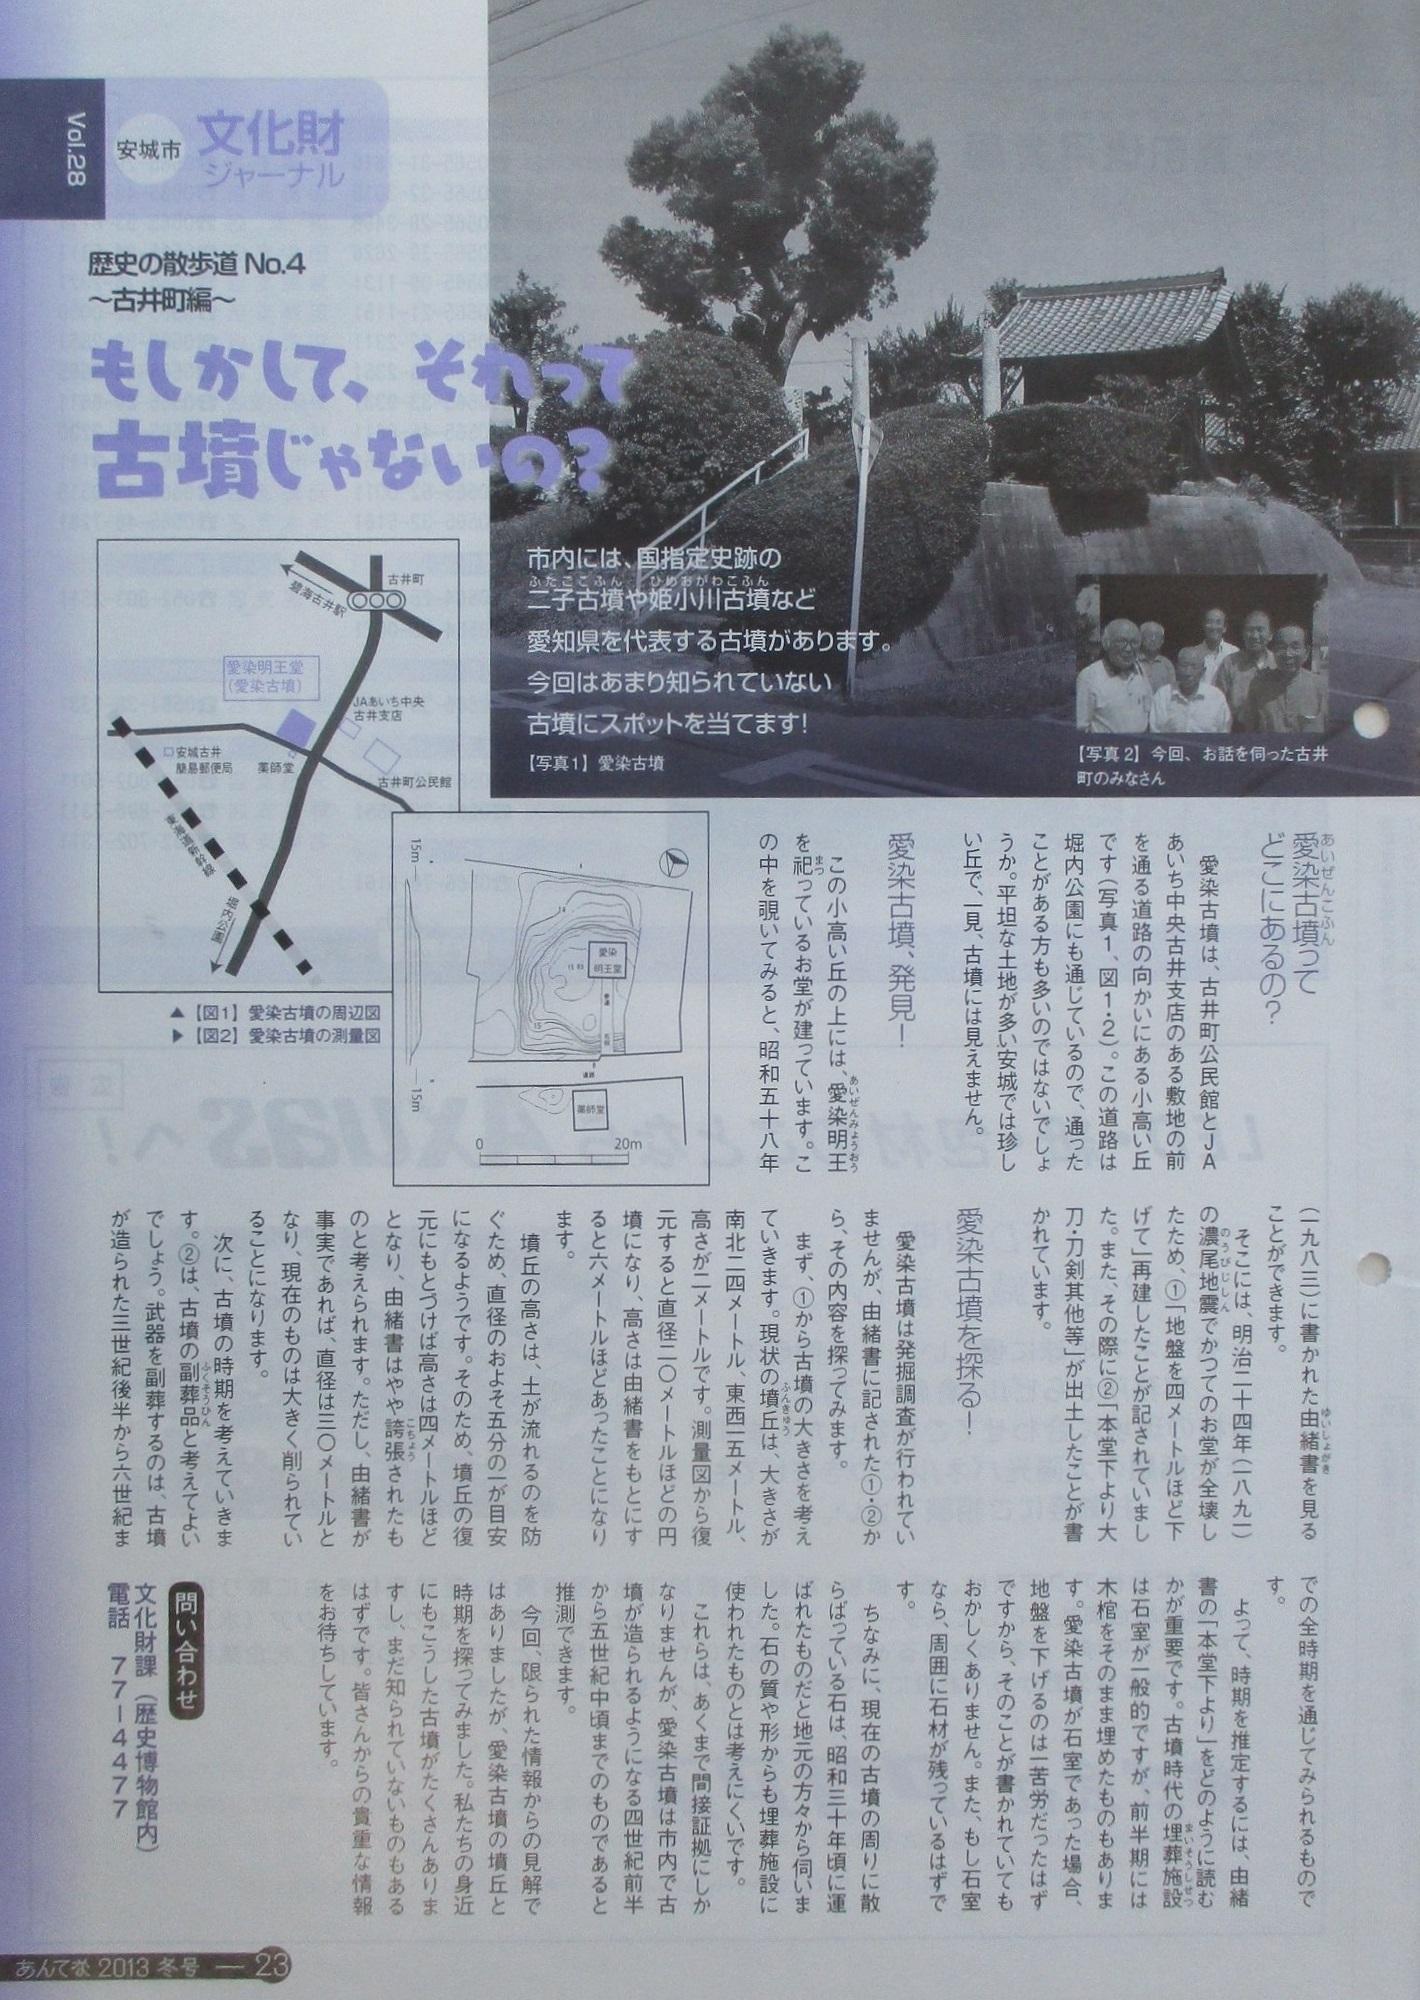 2020.6.29 (6) あんてな2013年ふゆ号 - 愛染古墳 1420-2000